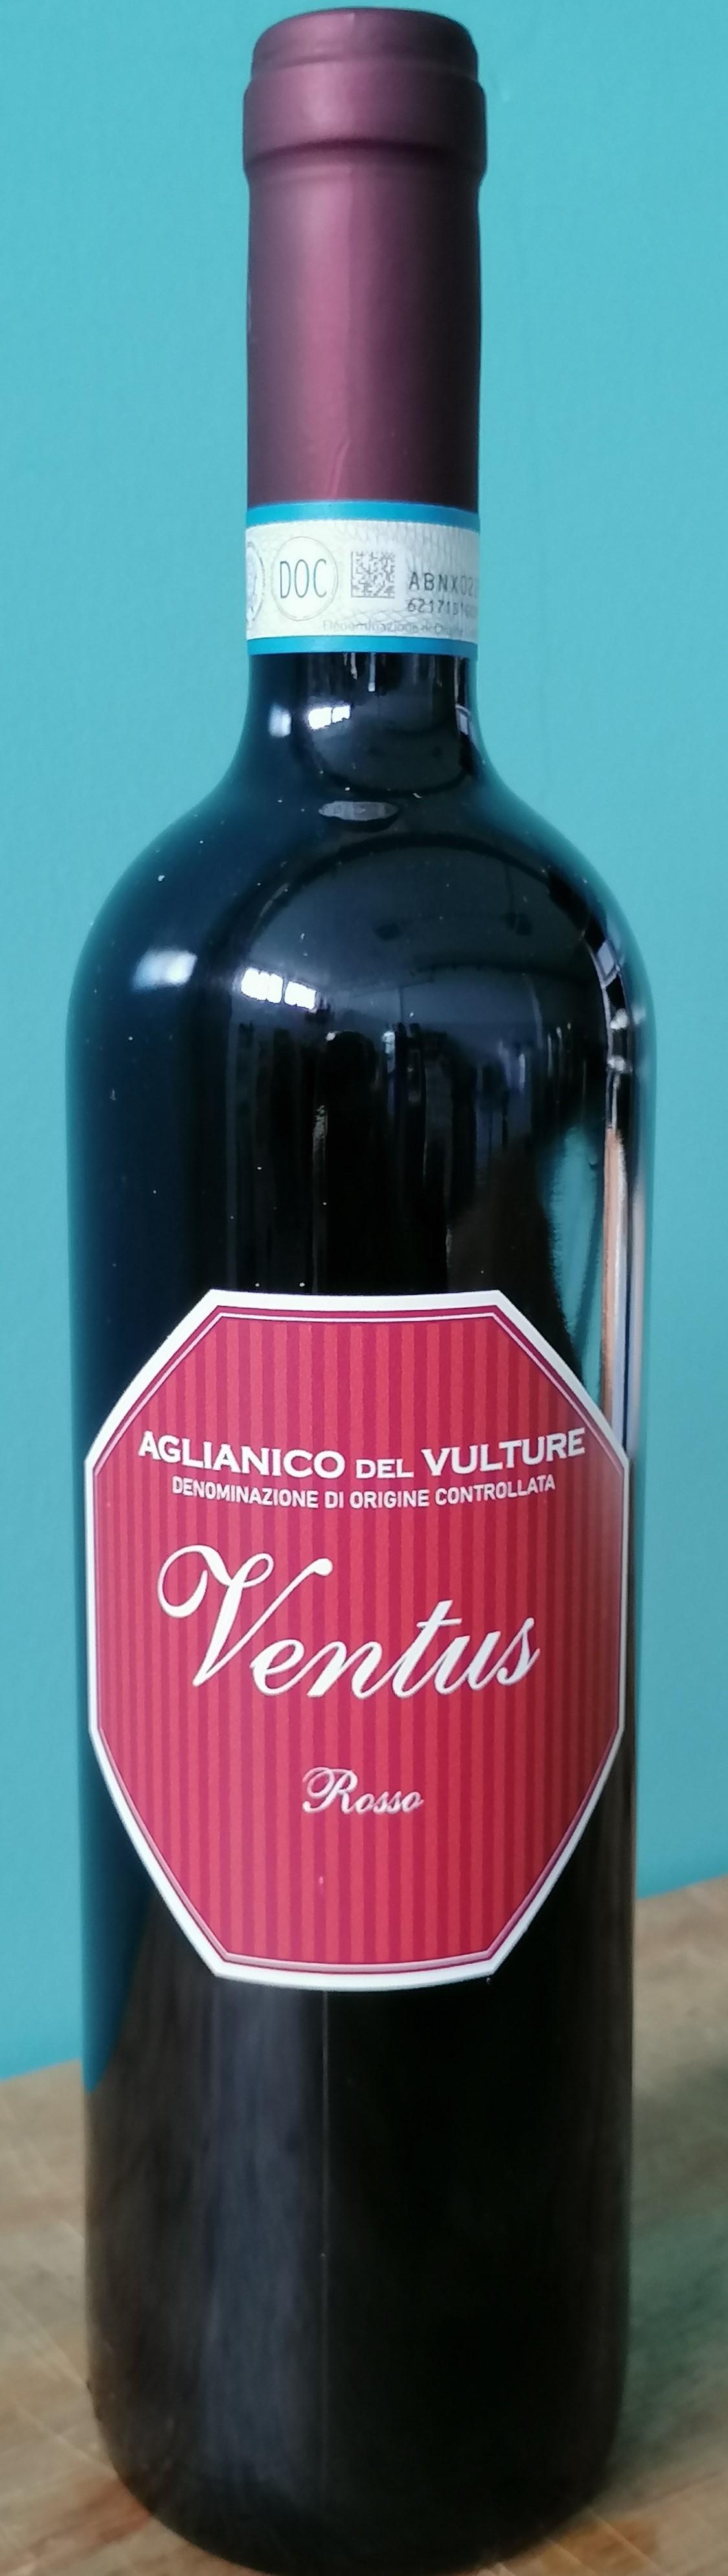 AGLIANICO DEL VULTURE DOC - VENTUS - ANNATA 2017 - Vol. 13.50%